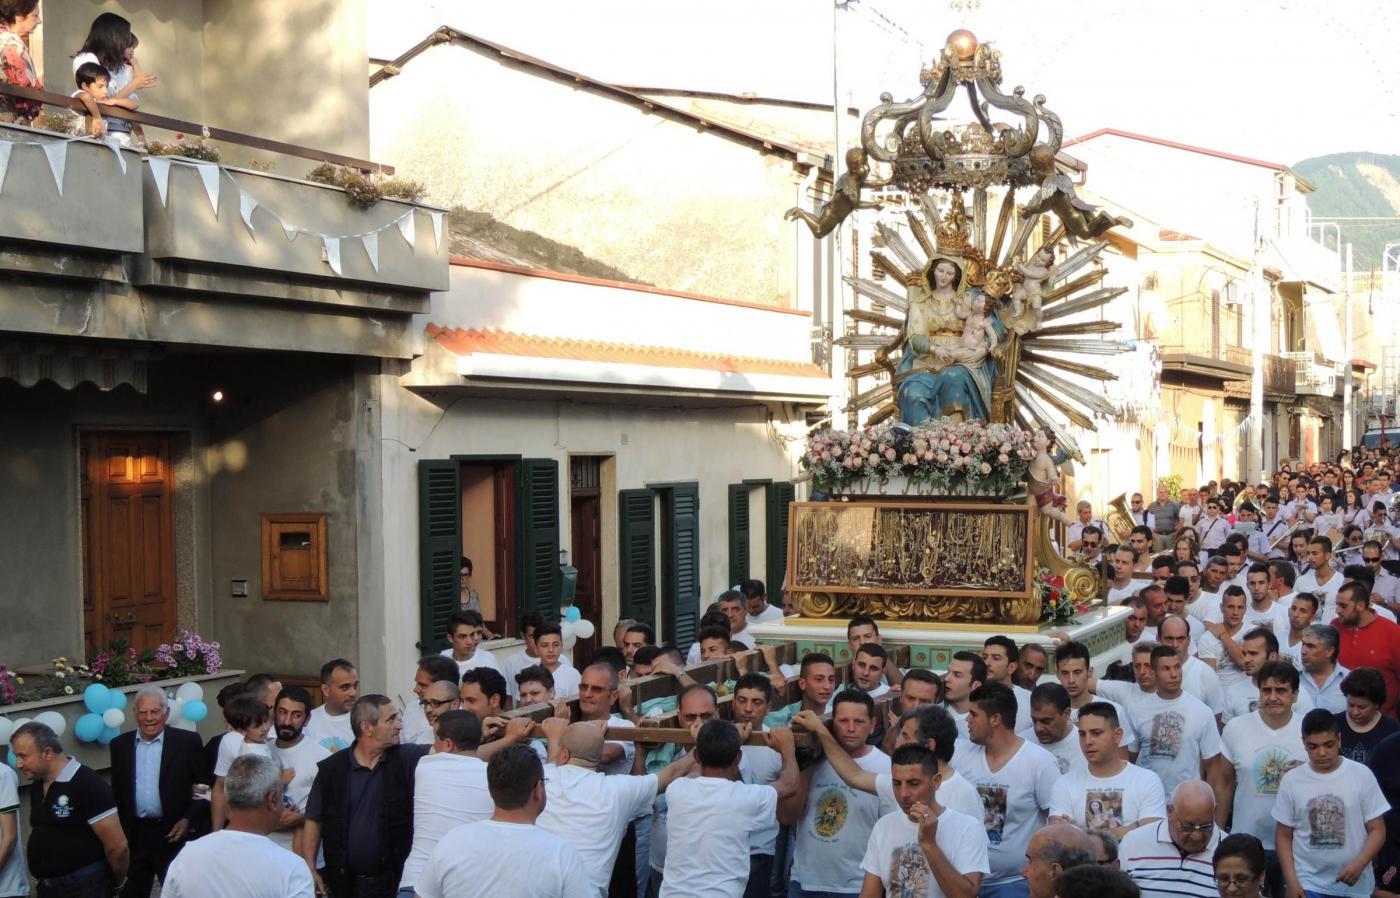 Statua della Madonna fa l'inchino al boss: è polemica fra Chiesa e istituzioni